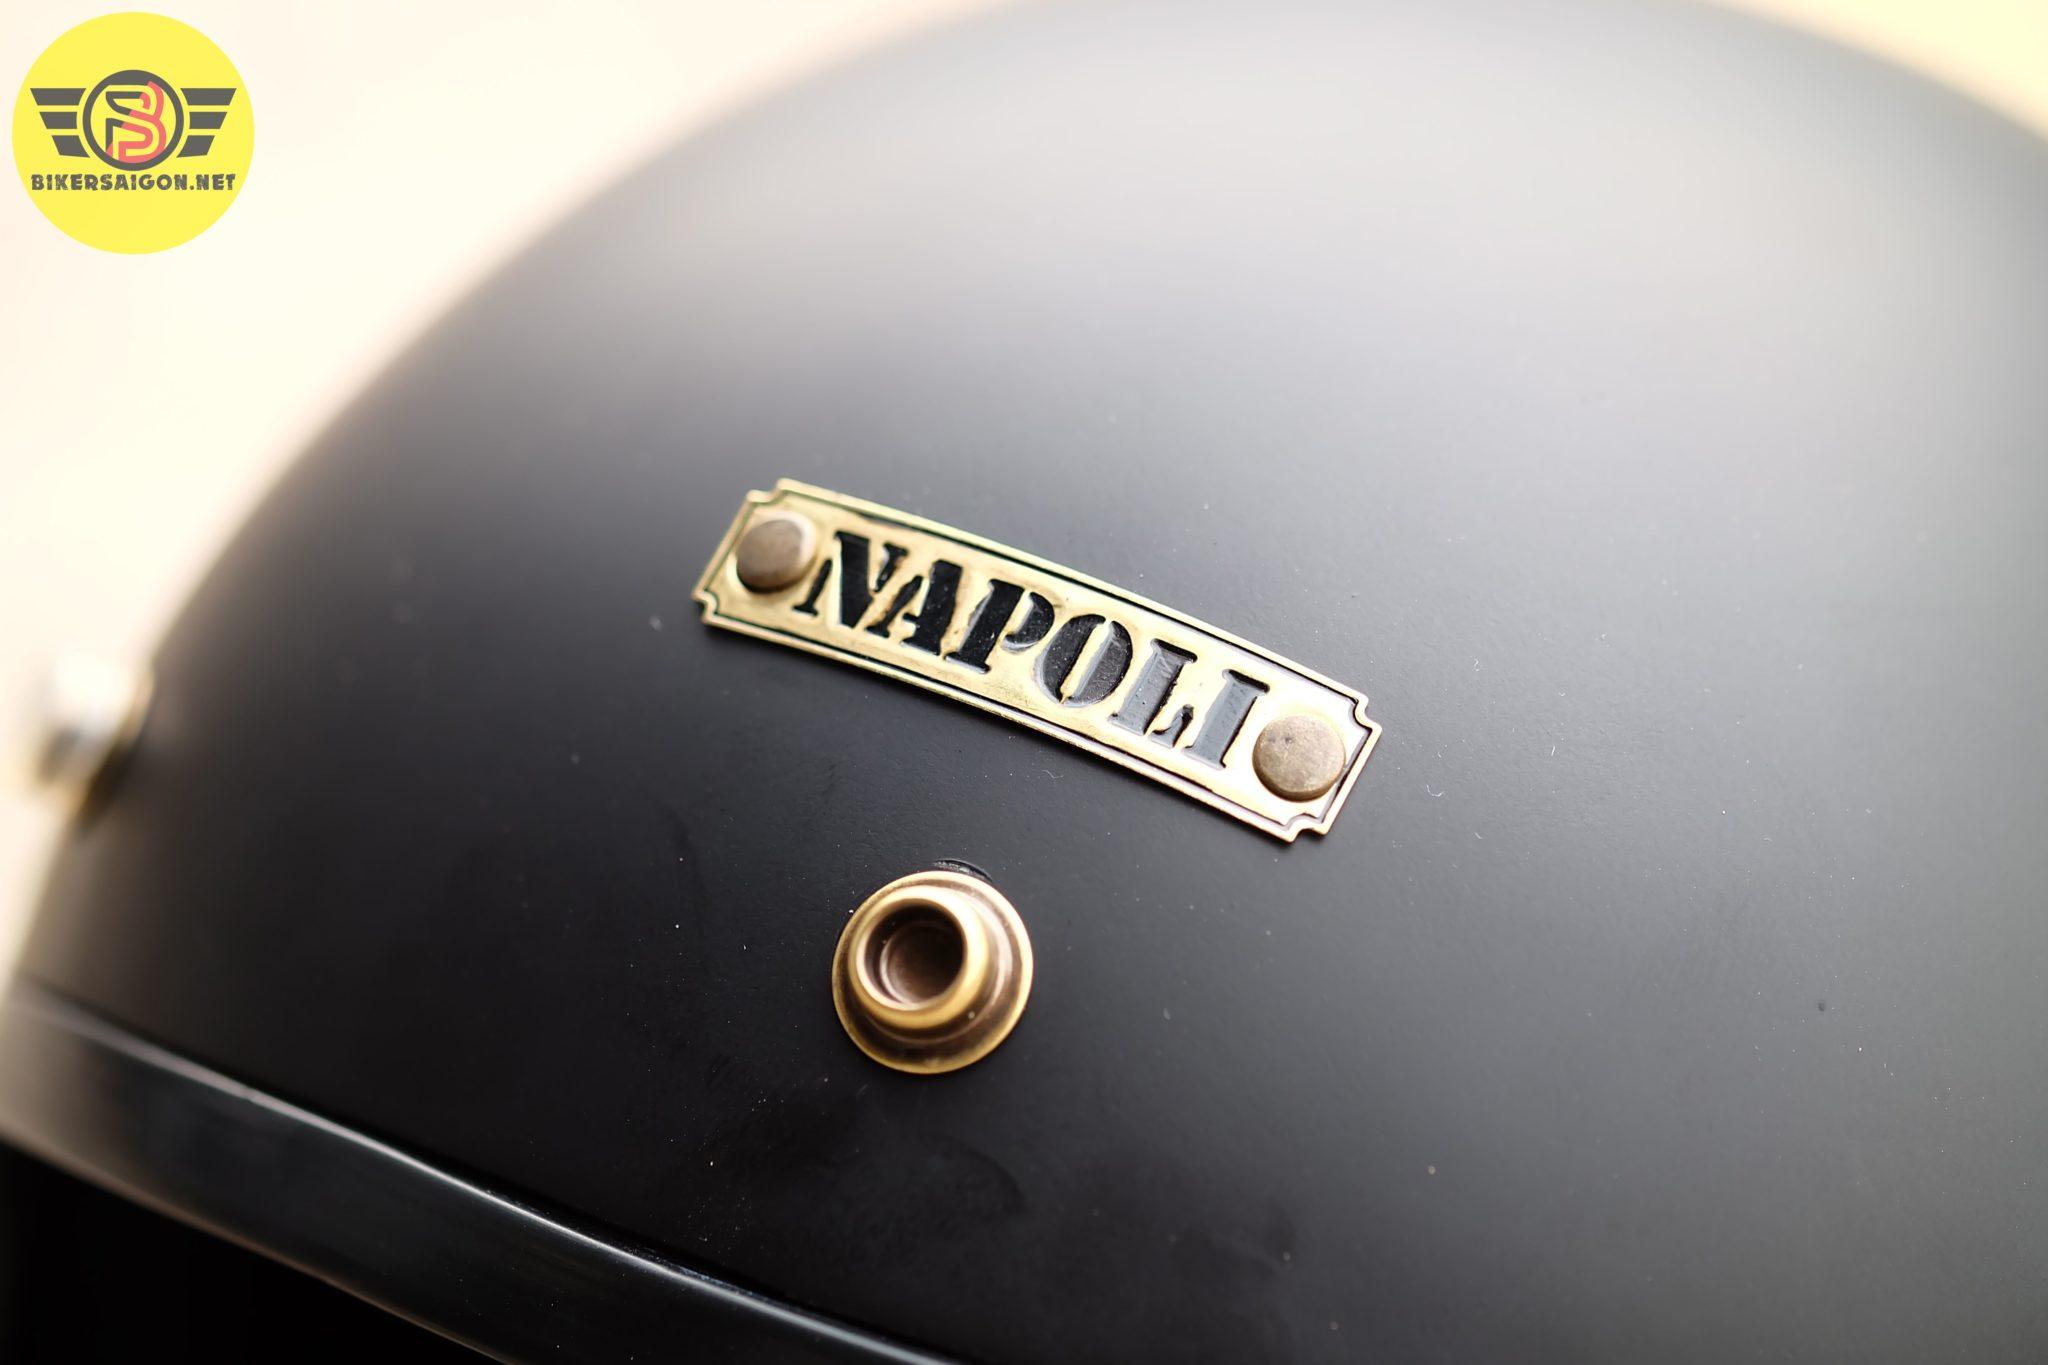 non-bao-hiem-3-4-napoli-napoli đen 3 - Copy